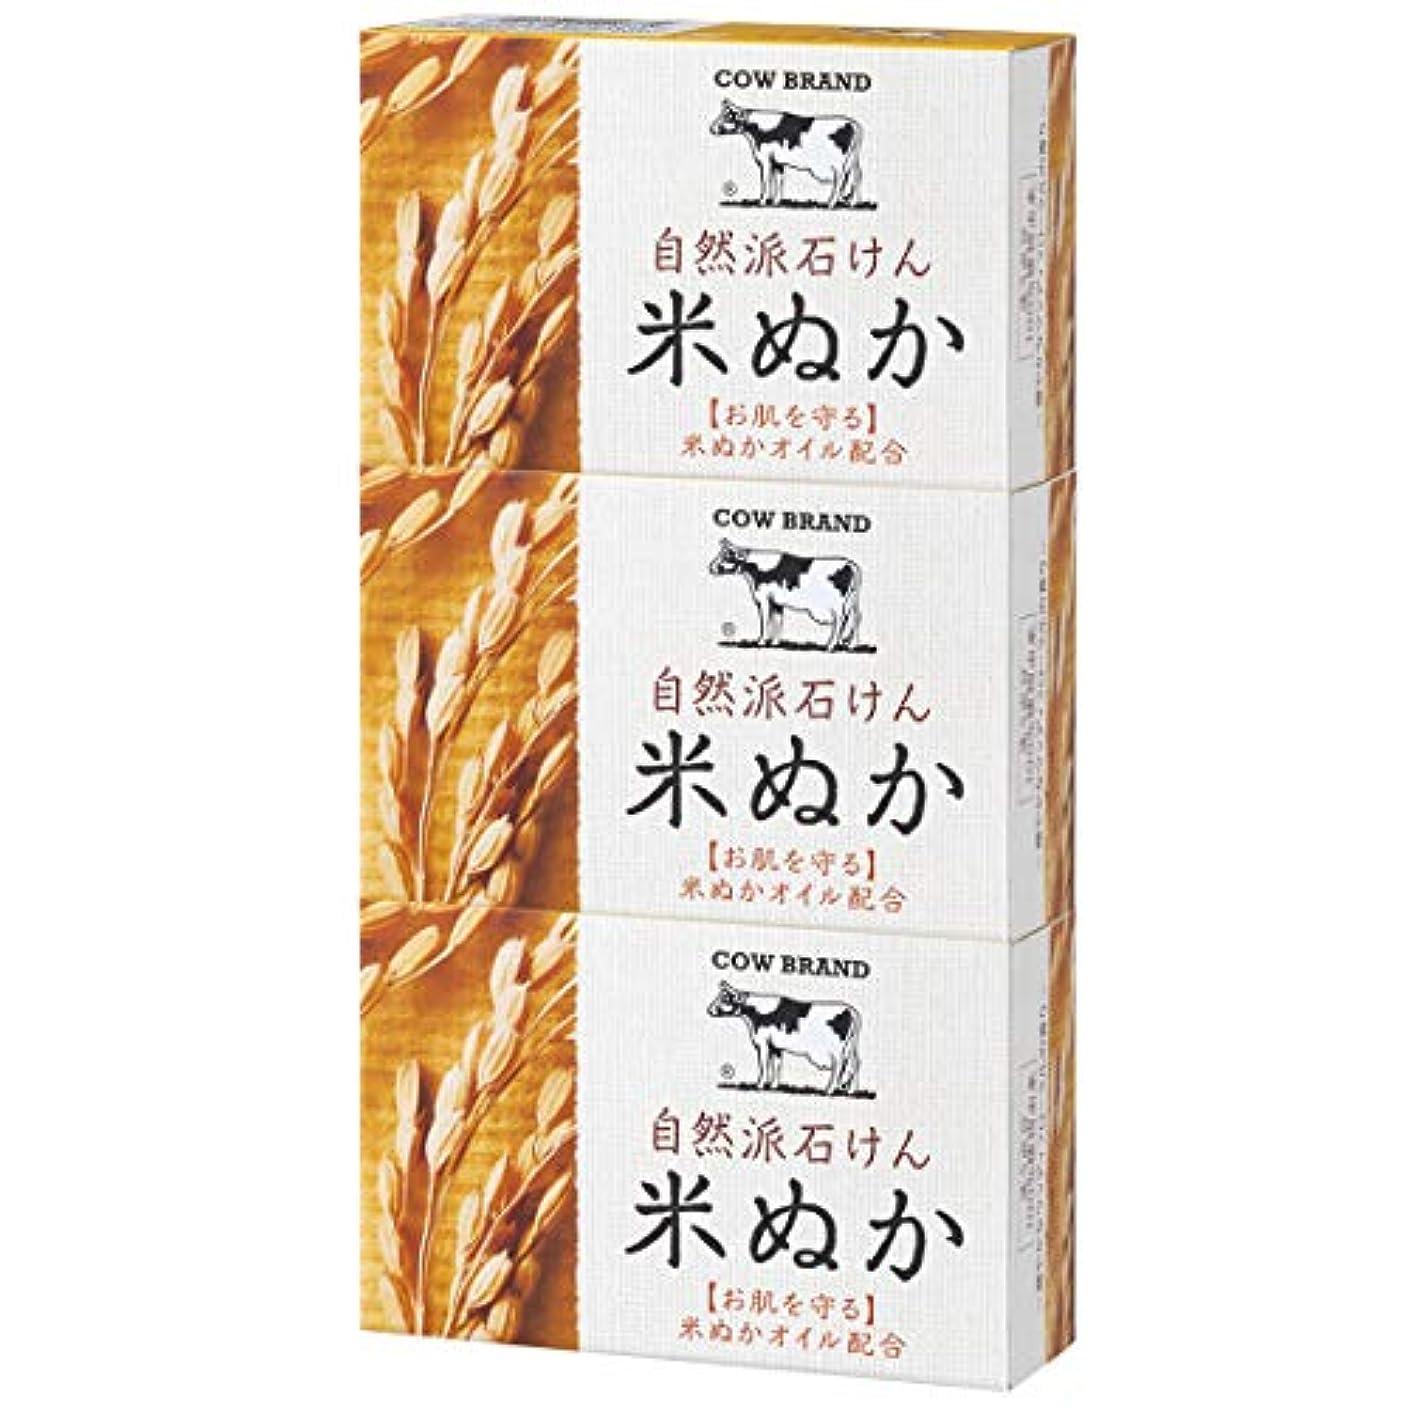 十分に蓄積するホップカウブランド 自然派石けん 米ぬか 100g*3個